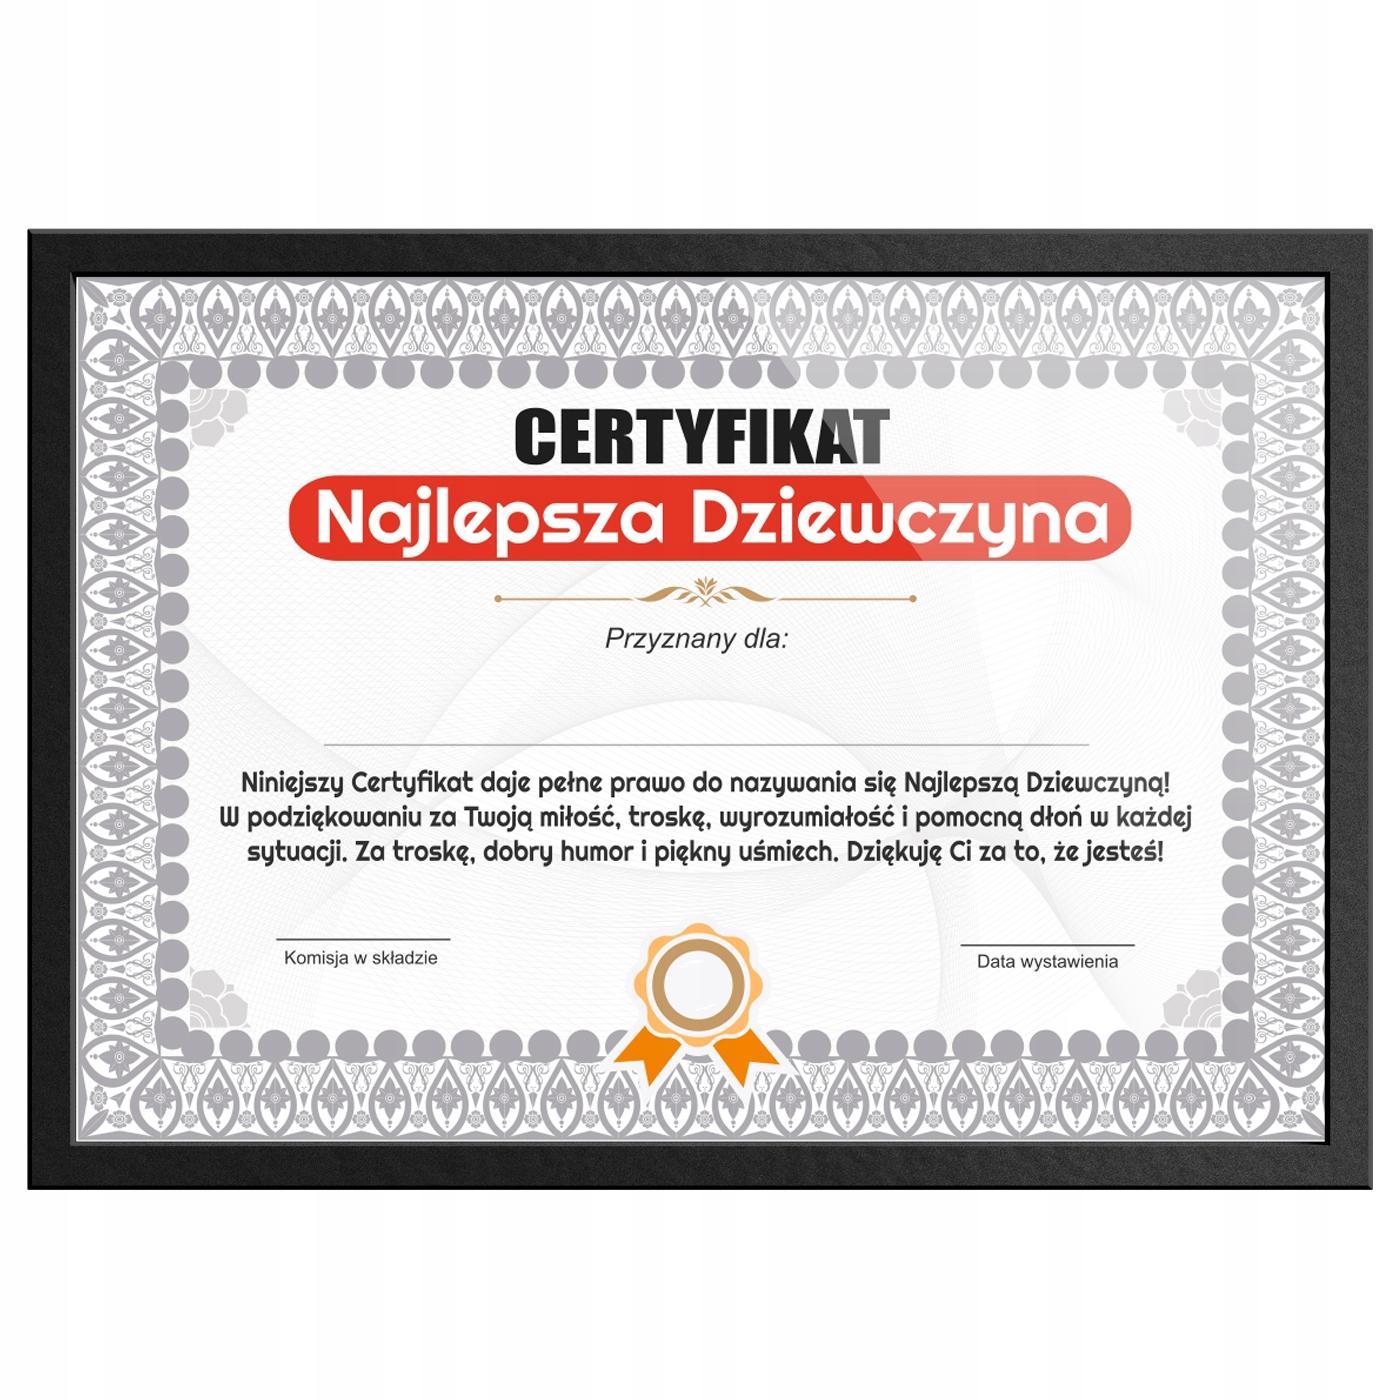 Wyjątkowy Prezent Dla Dziewczyny Certyfikat 24h